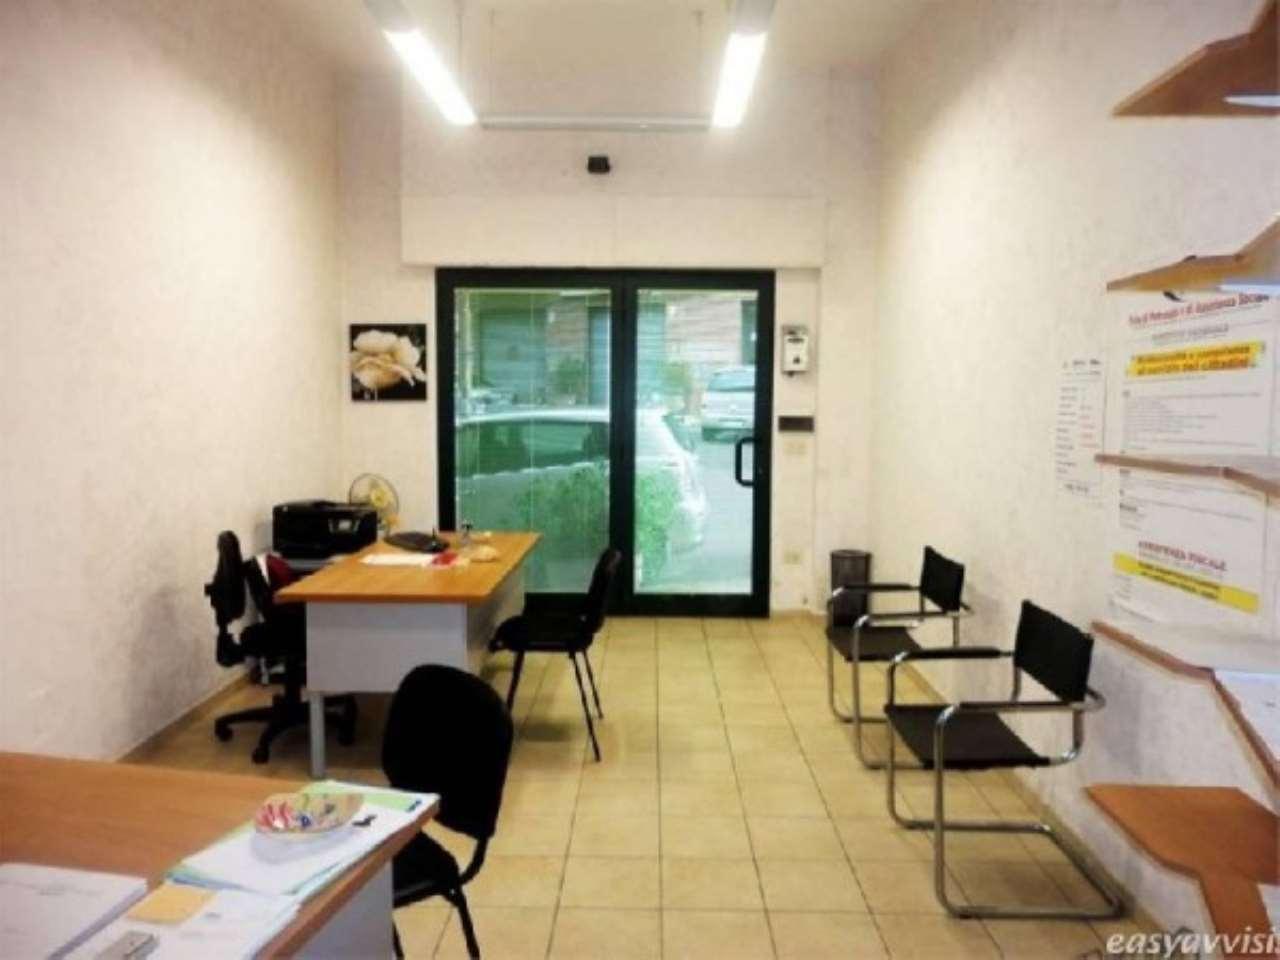 Negozio / Locale in vendita a Senigallia, 1 locali, prezzo € 250.000 | CambioCasa.it